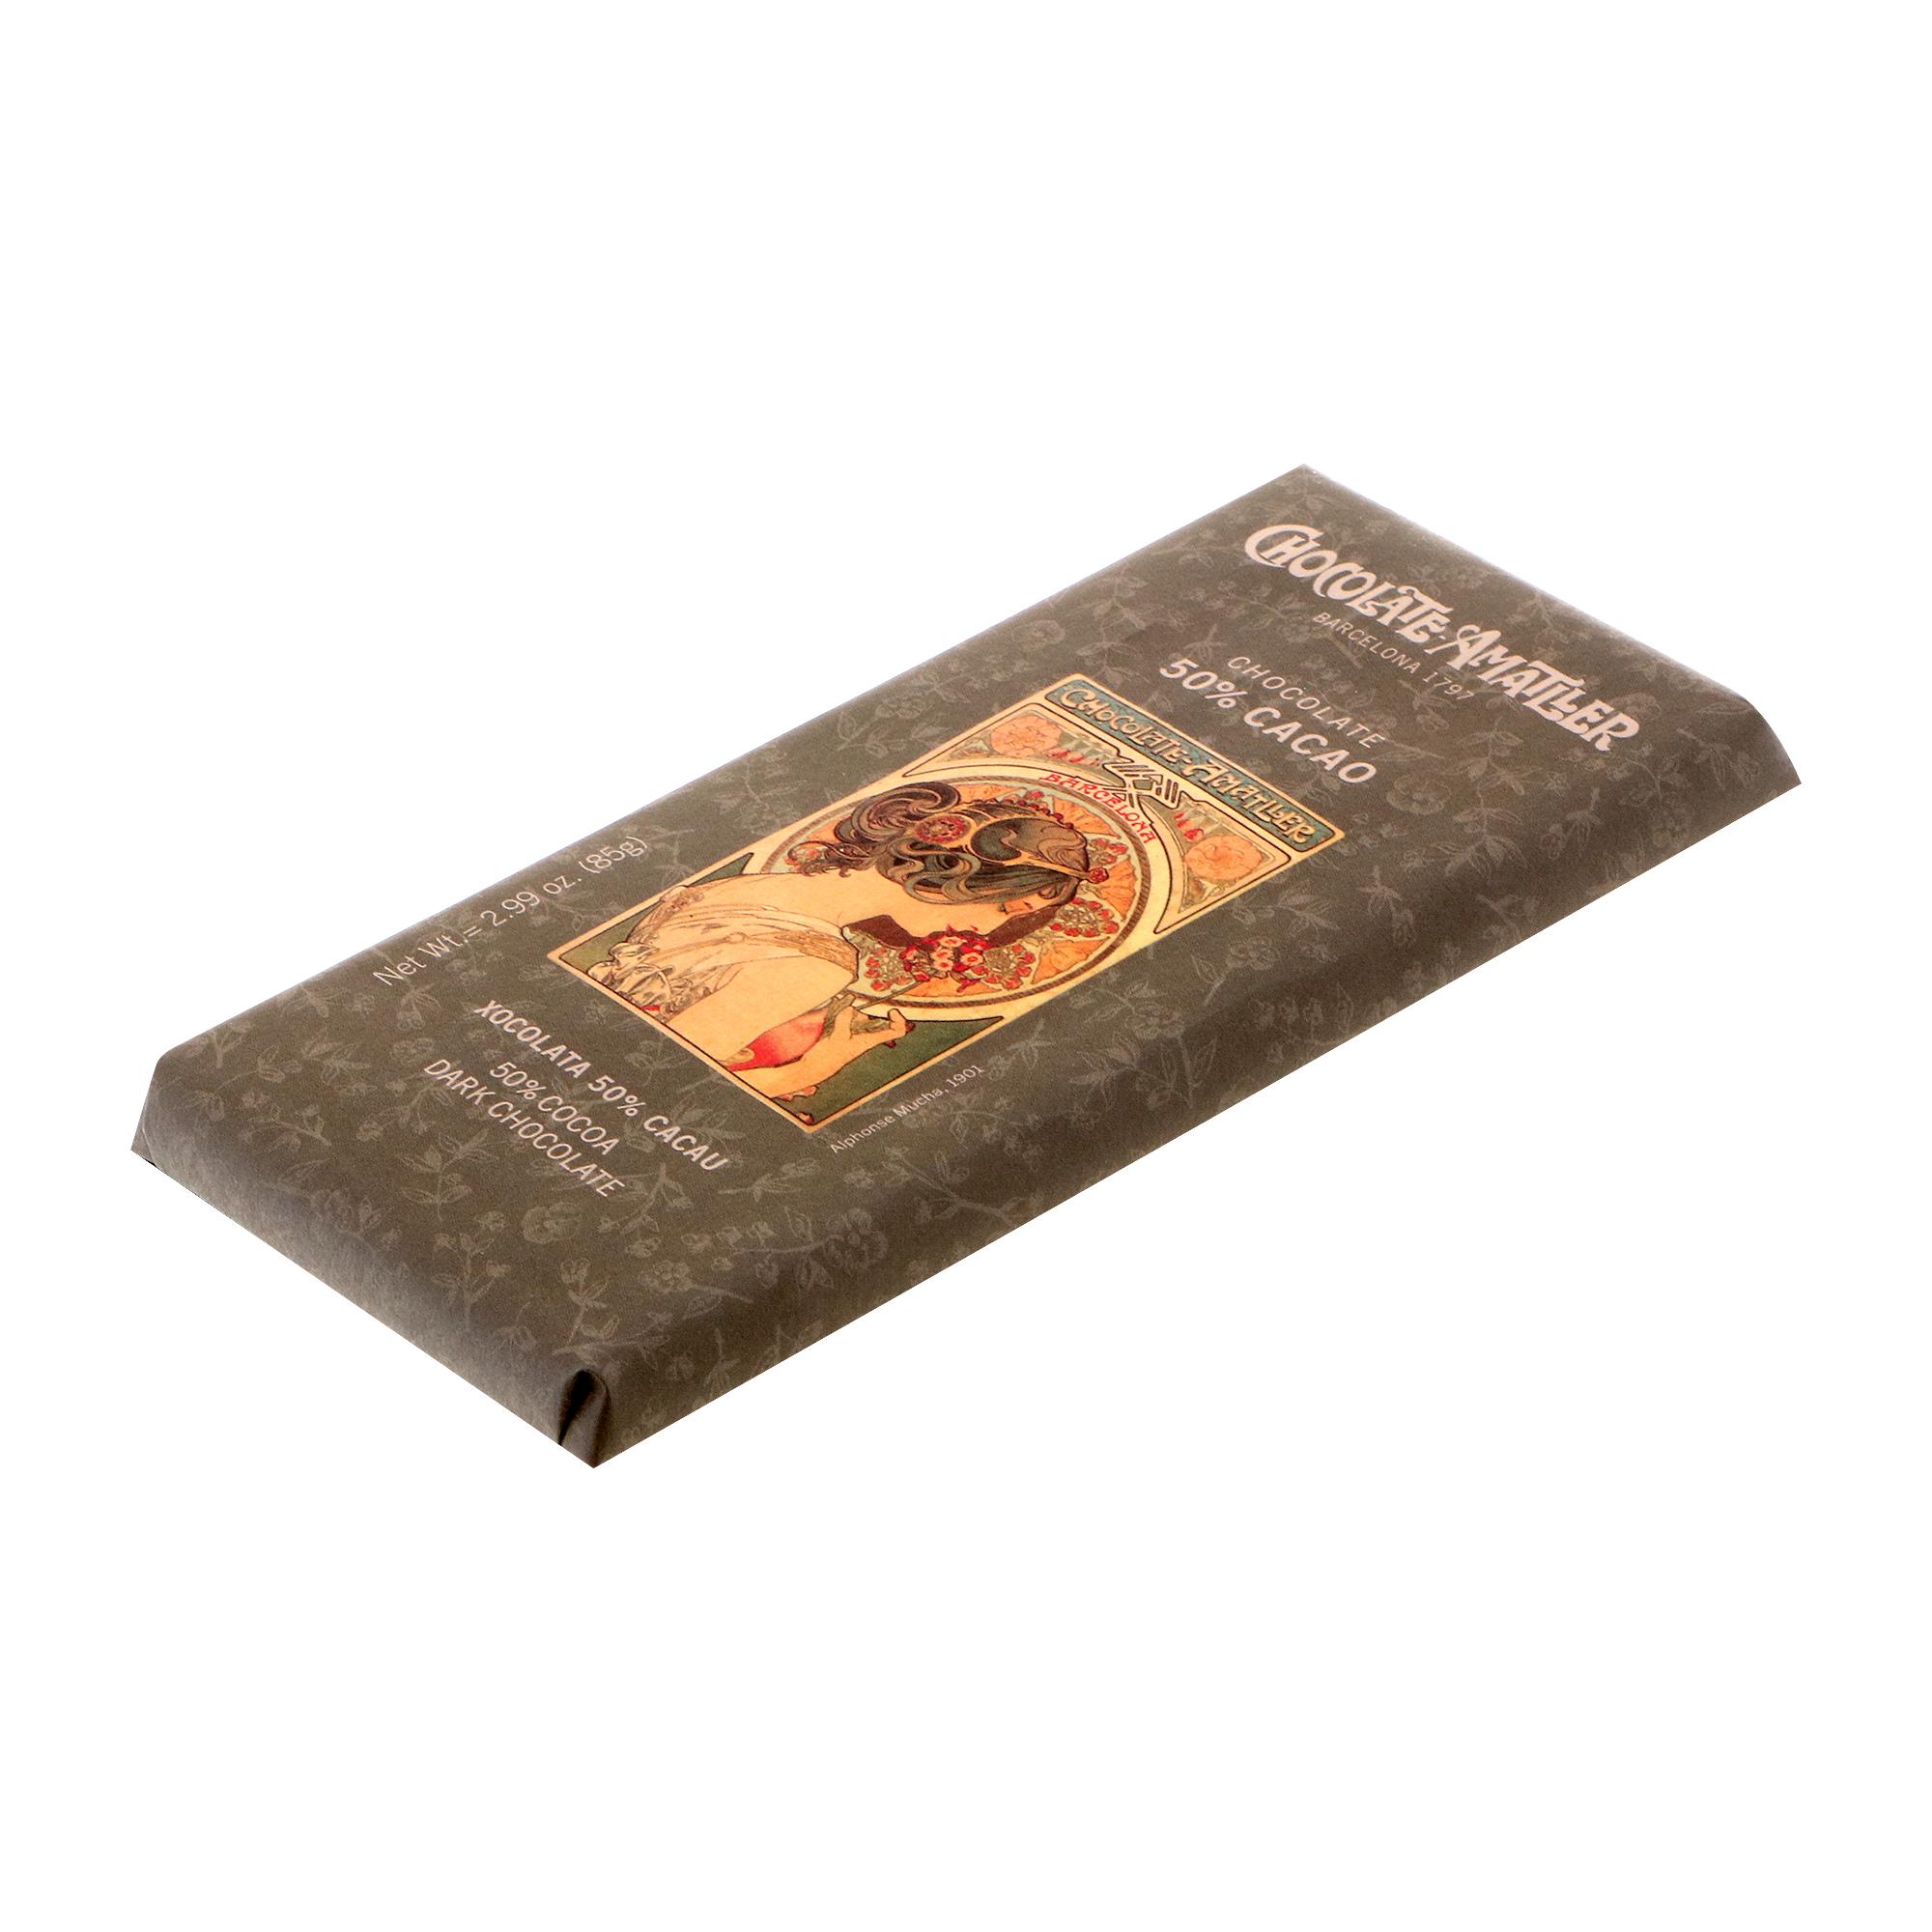 Шоколад Simon Coll Amatller 50% 85 г